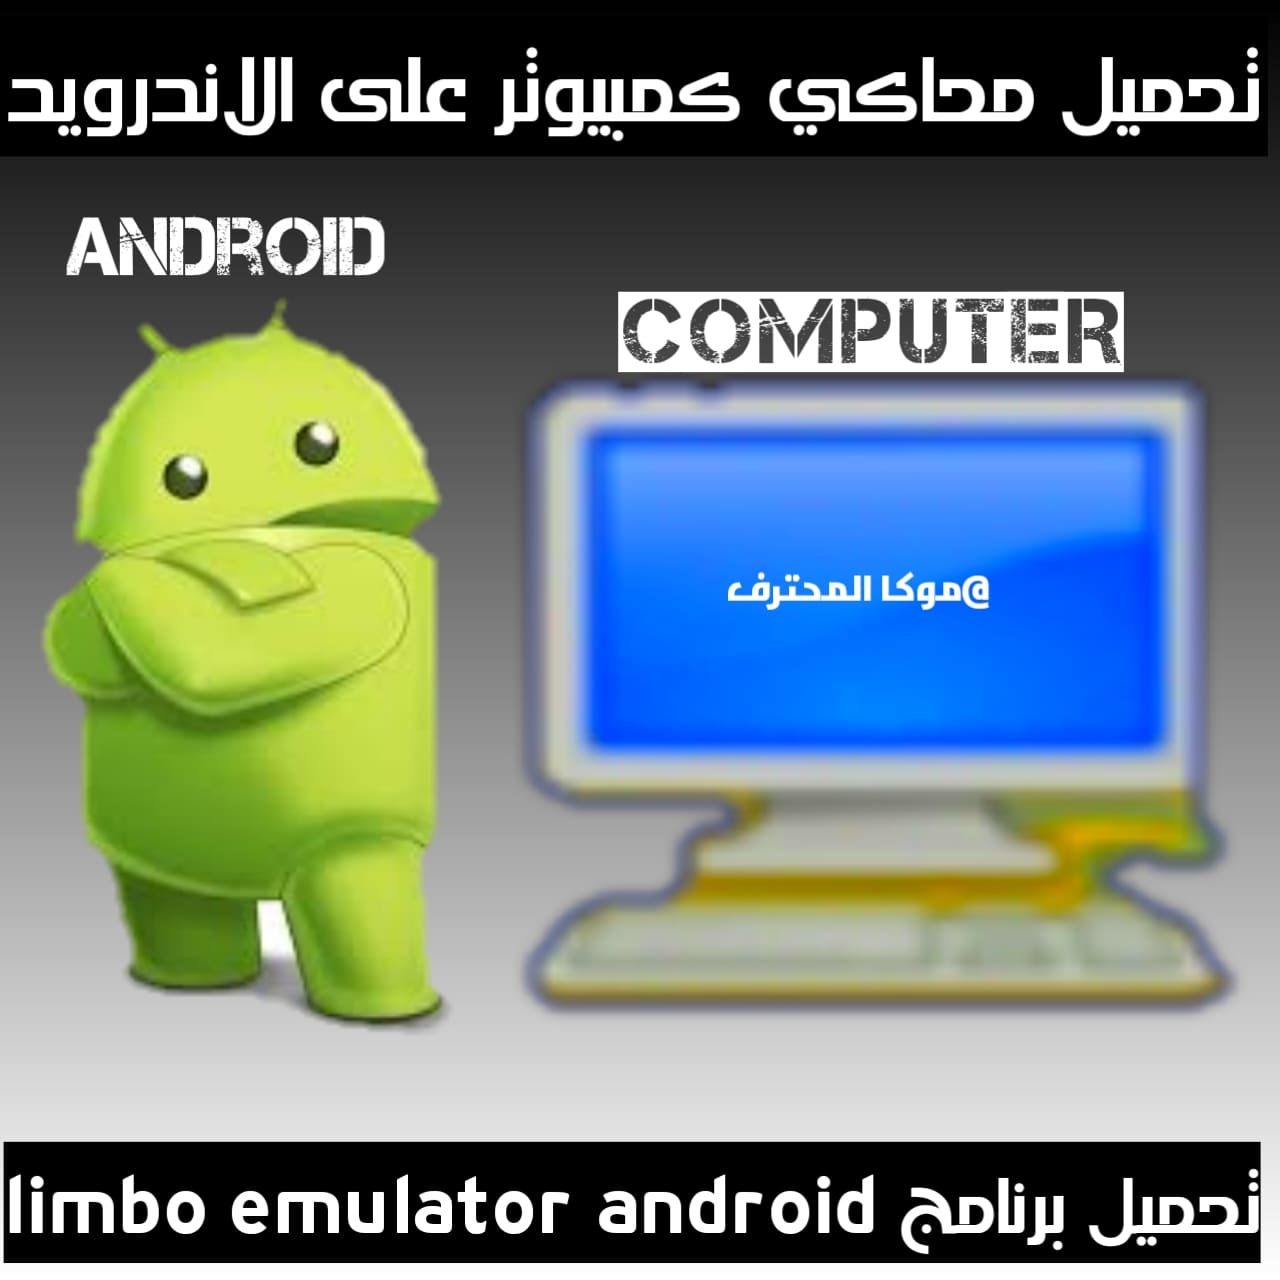 برنامج محاكي كمبيوتر على الاندرويد تحميل برنامج limbo emulator android